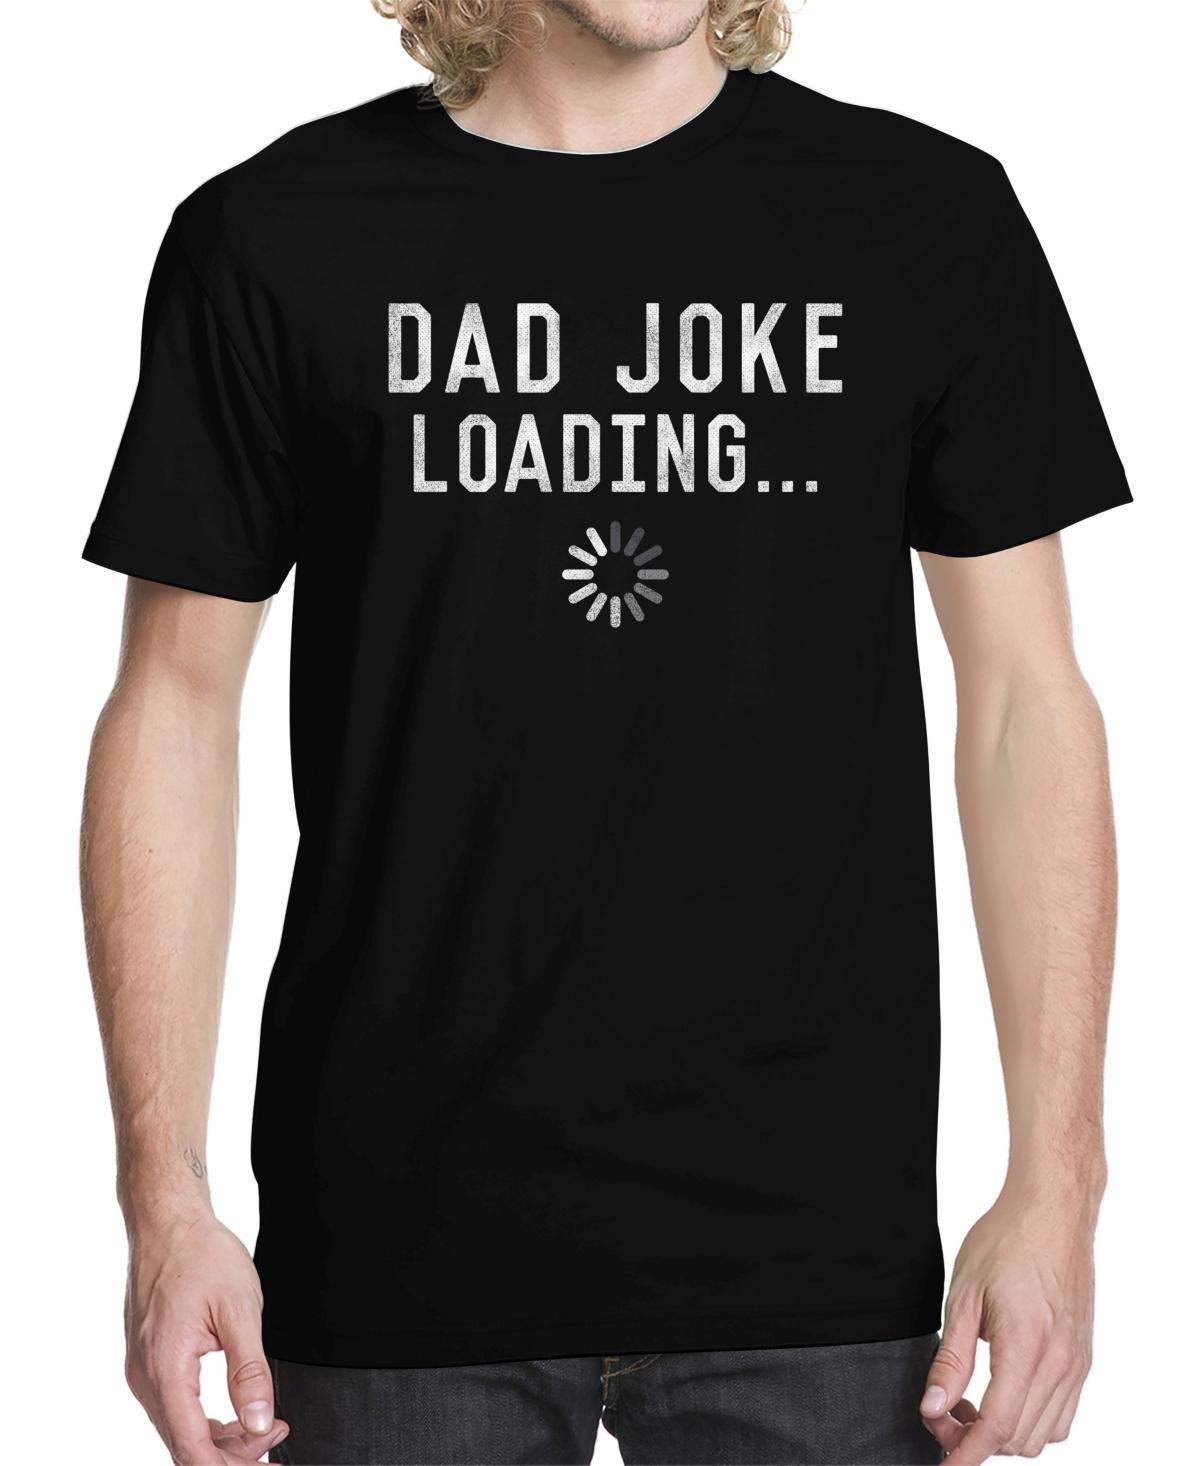 Men's Dad Joke Loading Graphic T-shirt